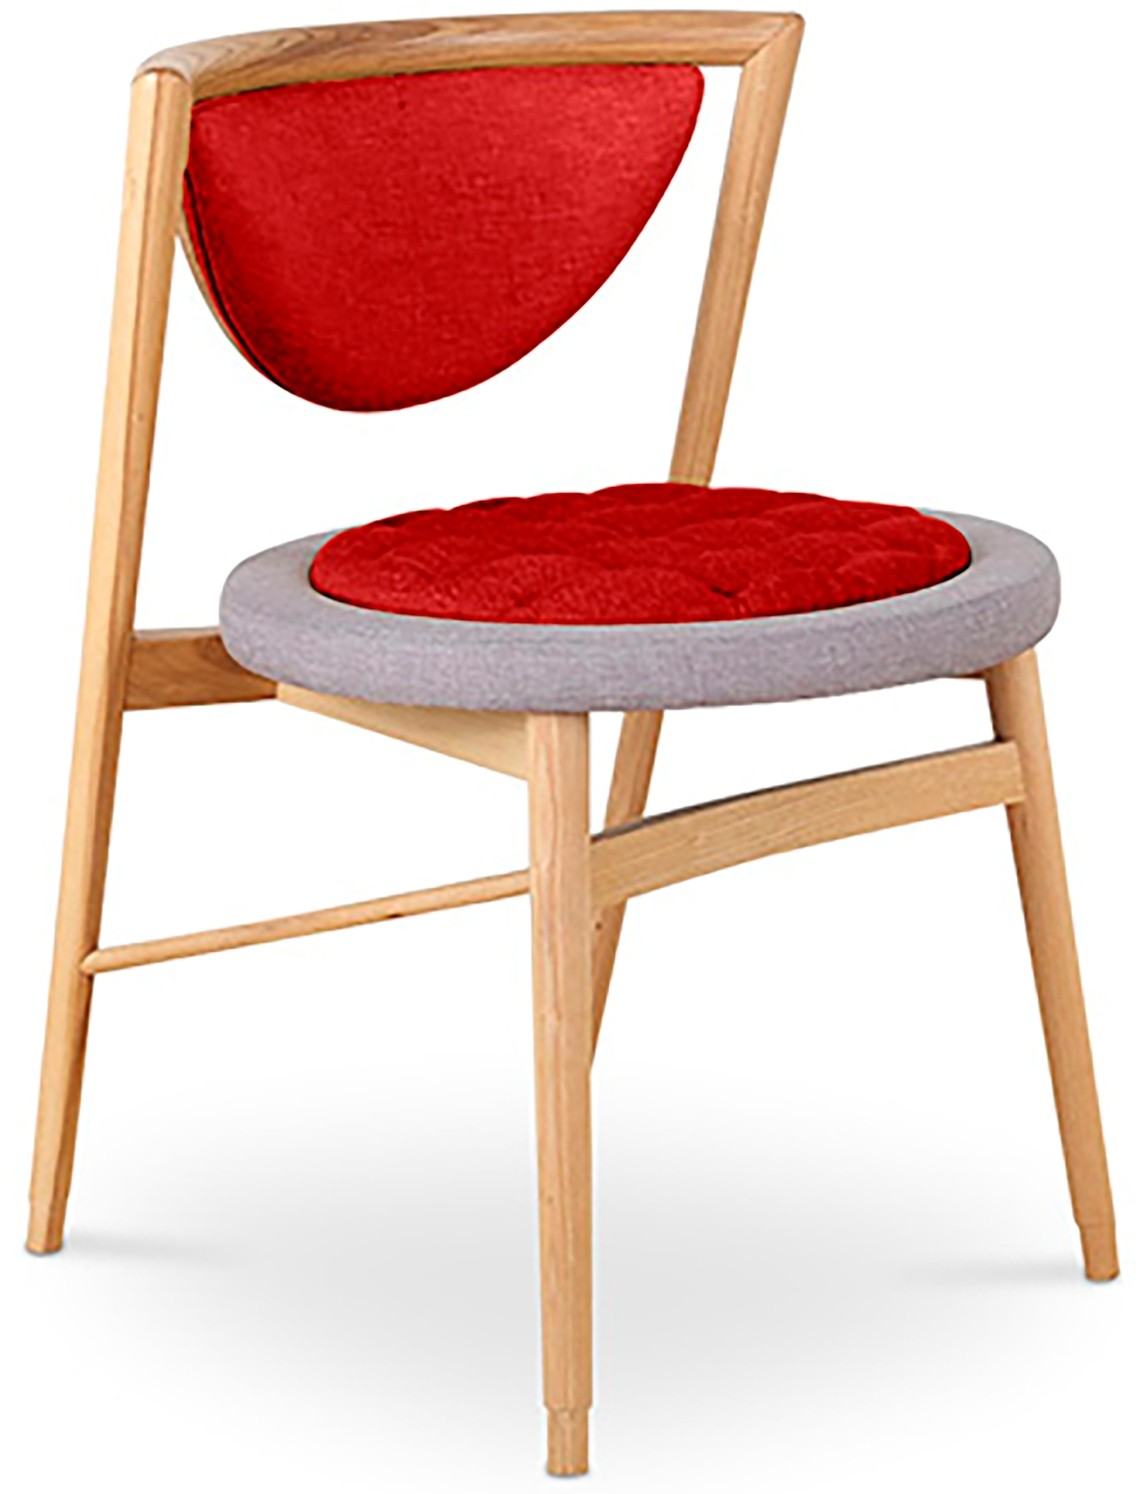 chaise scandinave tissu rouge et pieds bois massif naturel indra. Black Bedroom Furniture Sets. Home Design Ideas